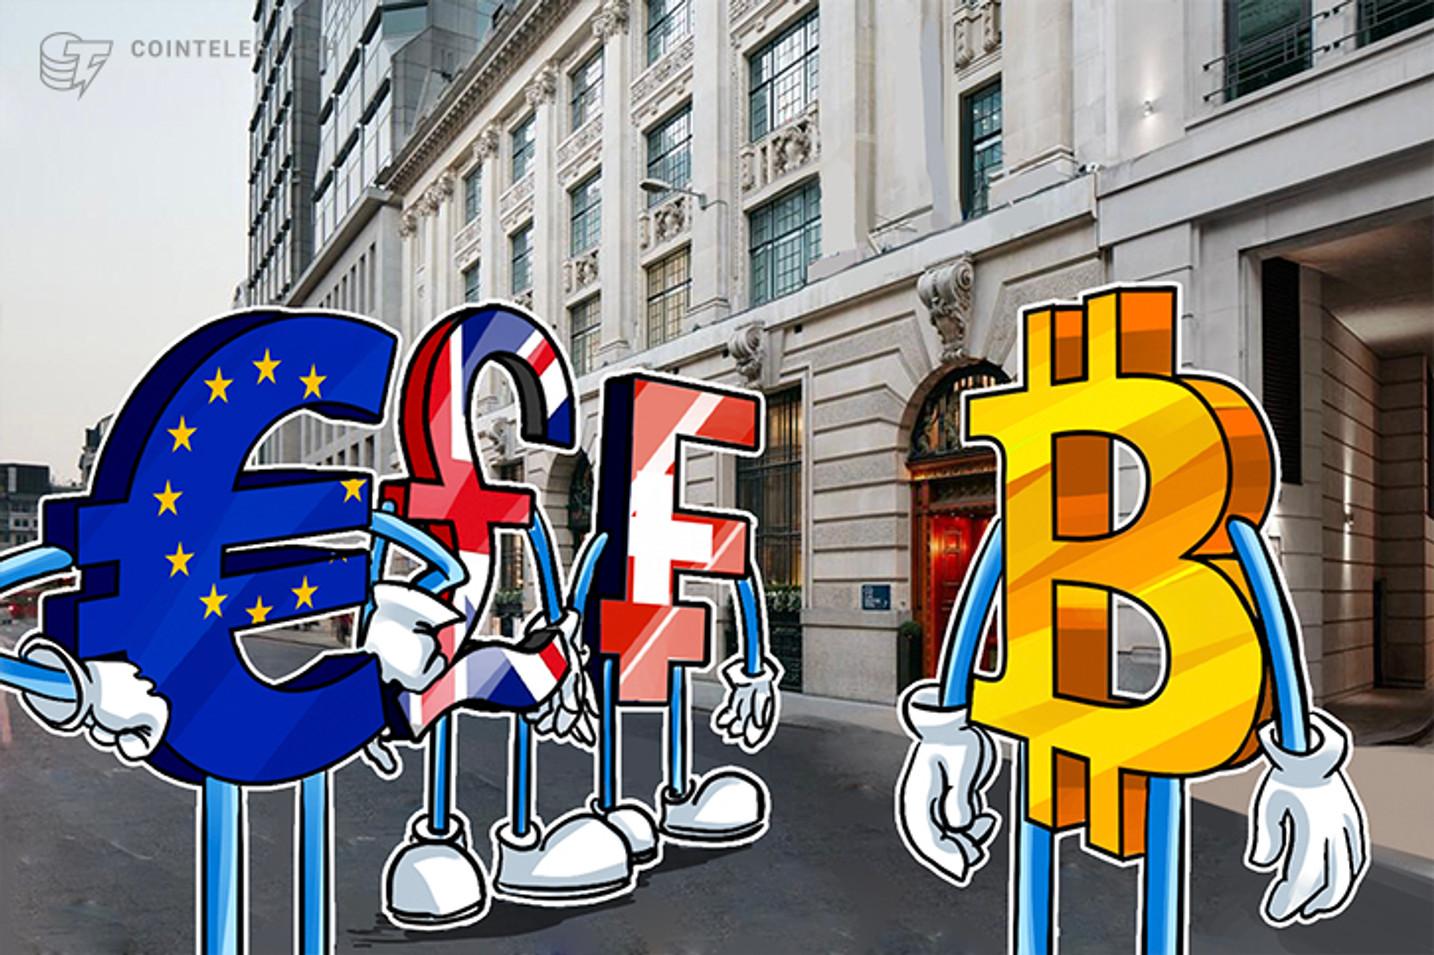 Evropska banka: Bitkoin nije odgovor za bezgotovinsku ekonomiju